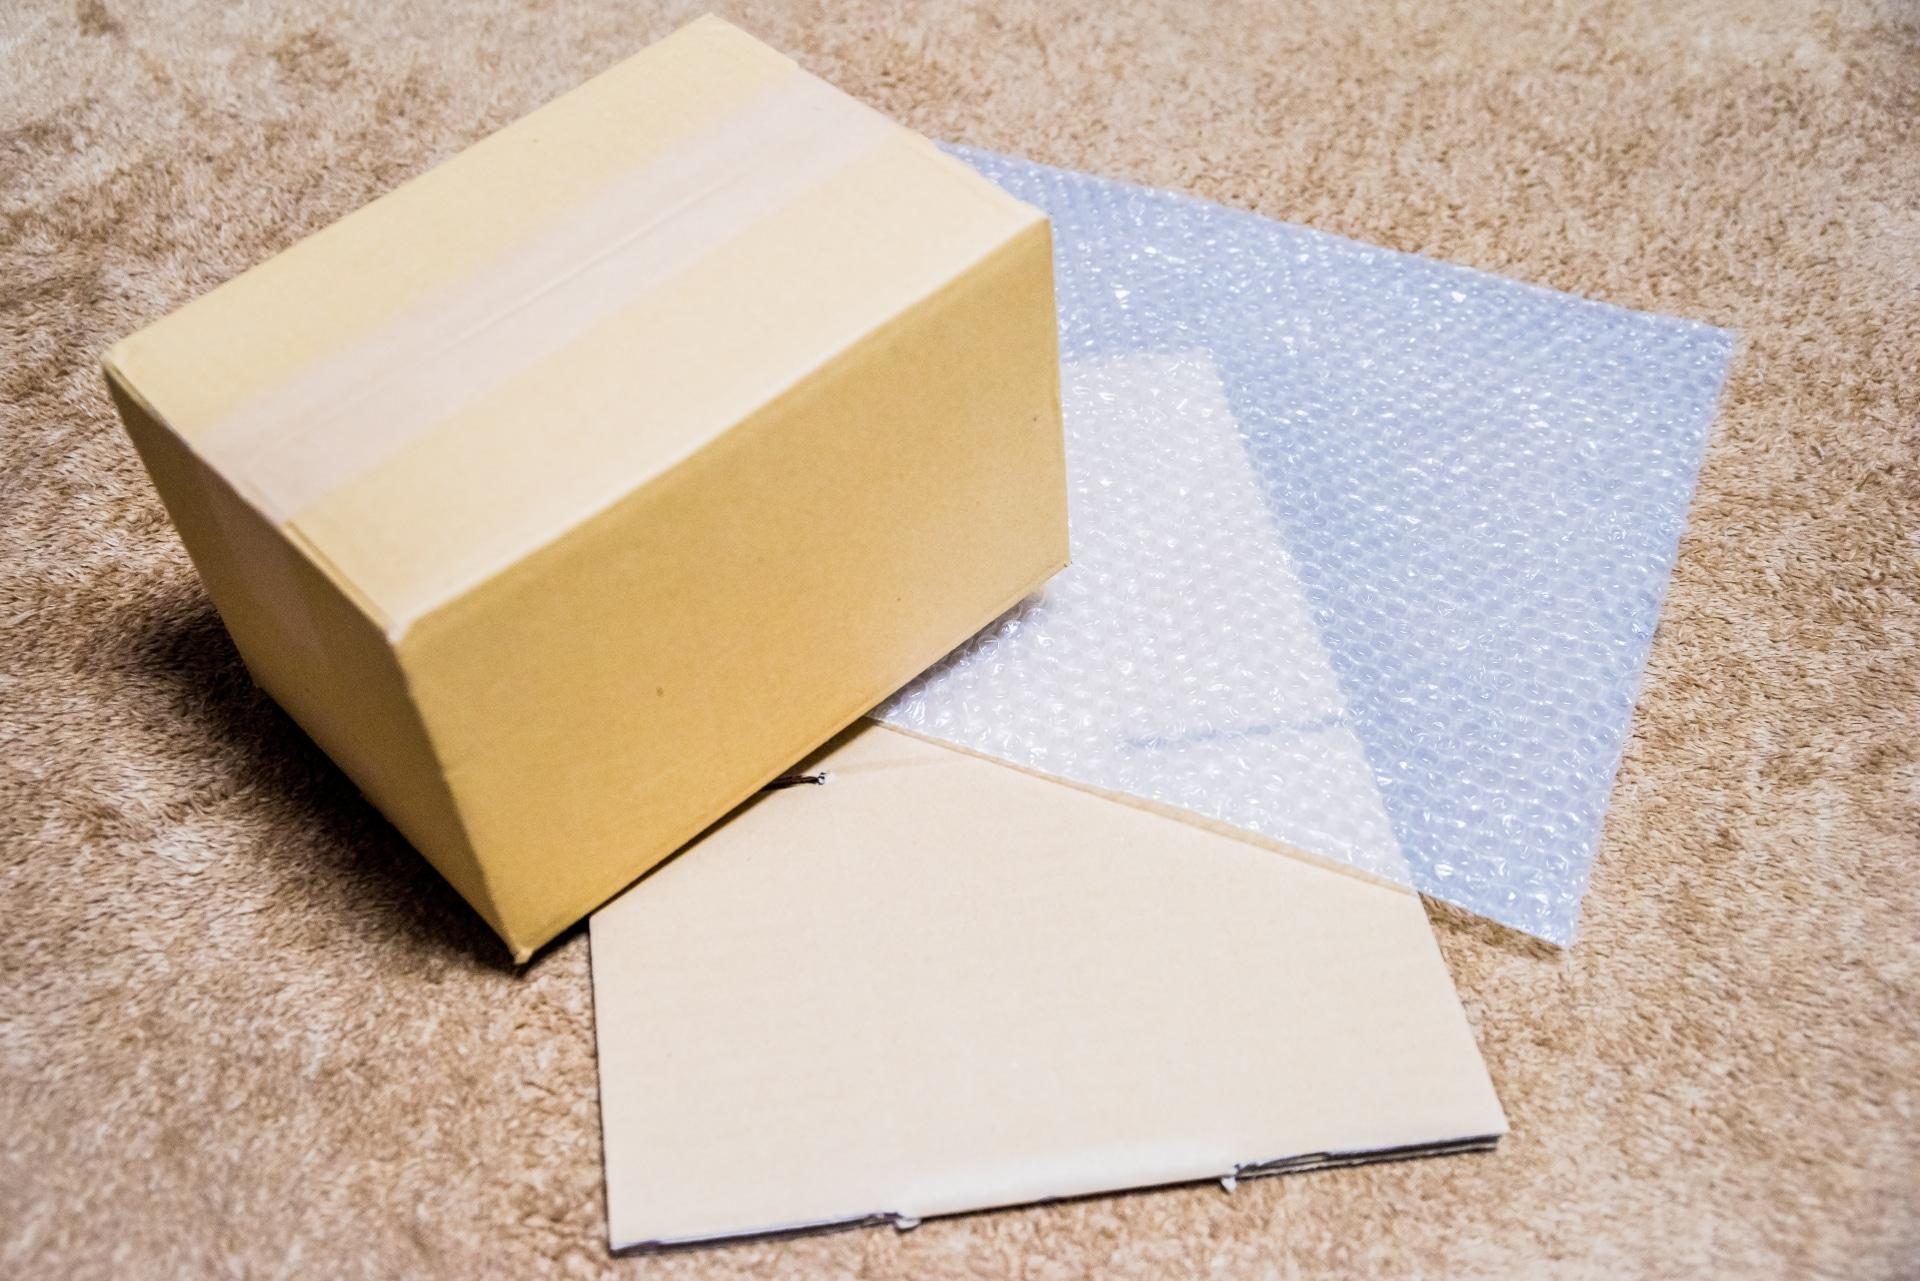 購買包裝材料需要找固定的廠商合作嗎?當我們在選購商品時,最容易受到以下三種因素的影響,去判斷商品的好壞,包裝材料 亦然。 1.包材價格因素 、 2.包材品質因素 、 3.包材交期因素。以上述三點因素探討,包裝材料擁有穩定的合作廠商是必須的,若每次的廠商都不同,不僅會影響到商品成本。祥昊包裝保證能夠做到以上三點。